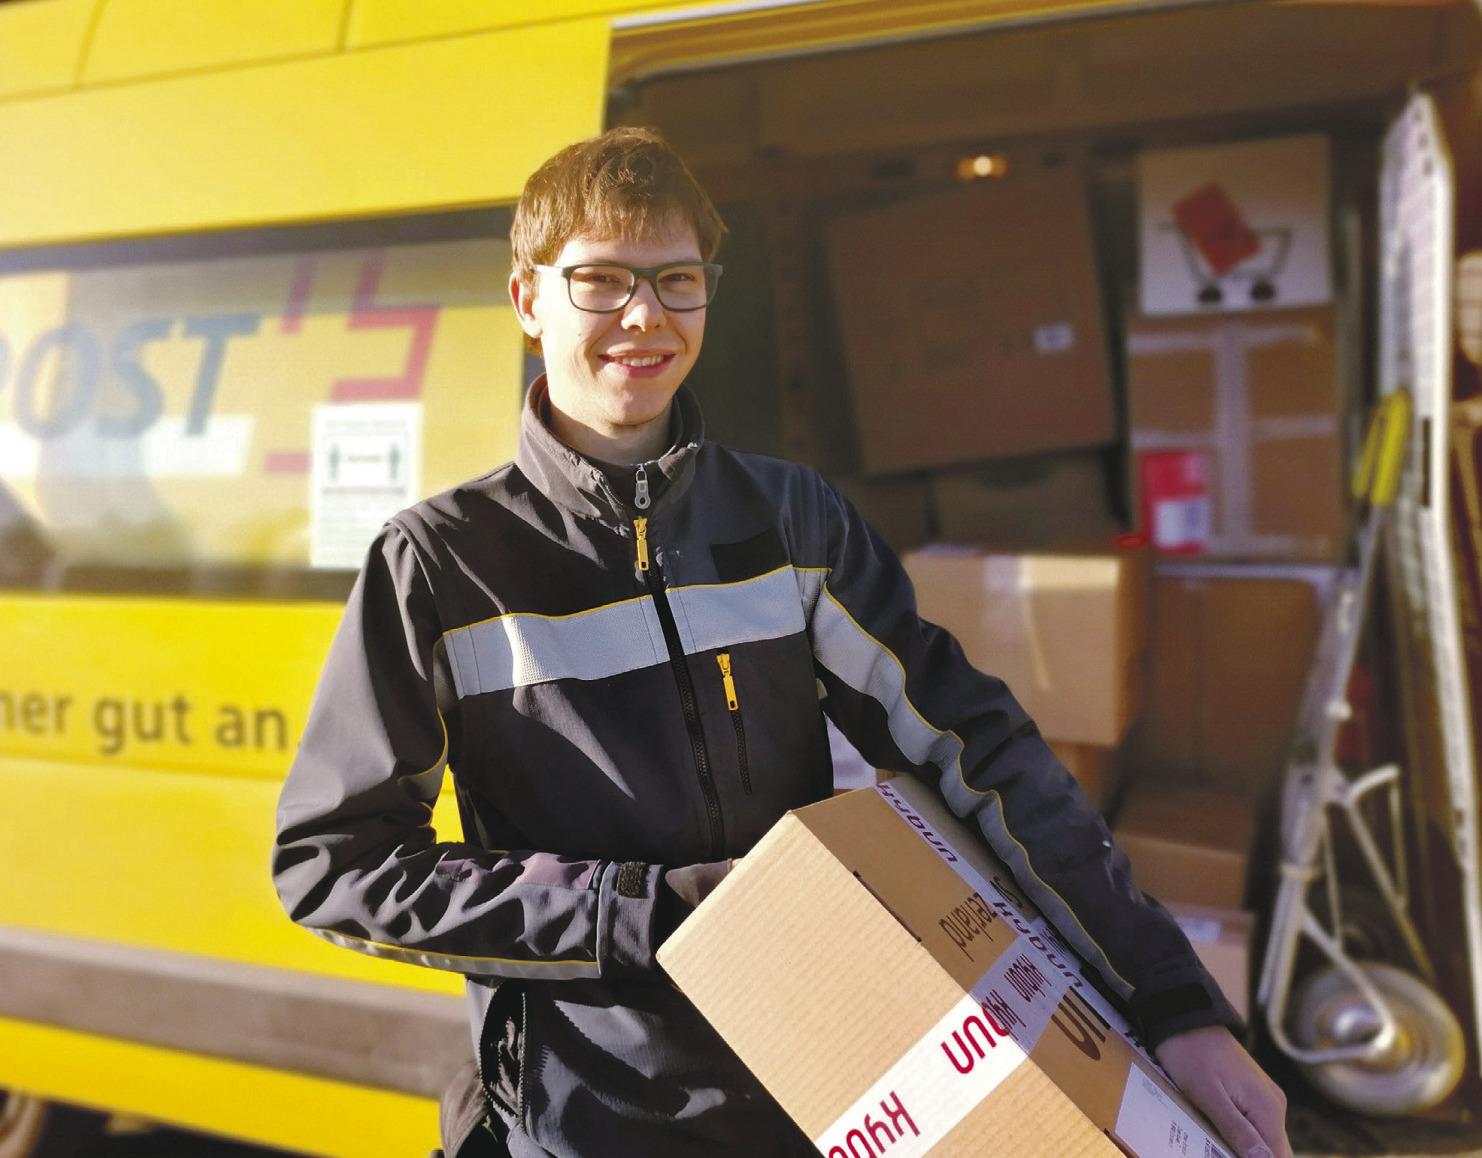 «Mein Rekord waren etwa 350 Pakete an einem Tag»